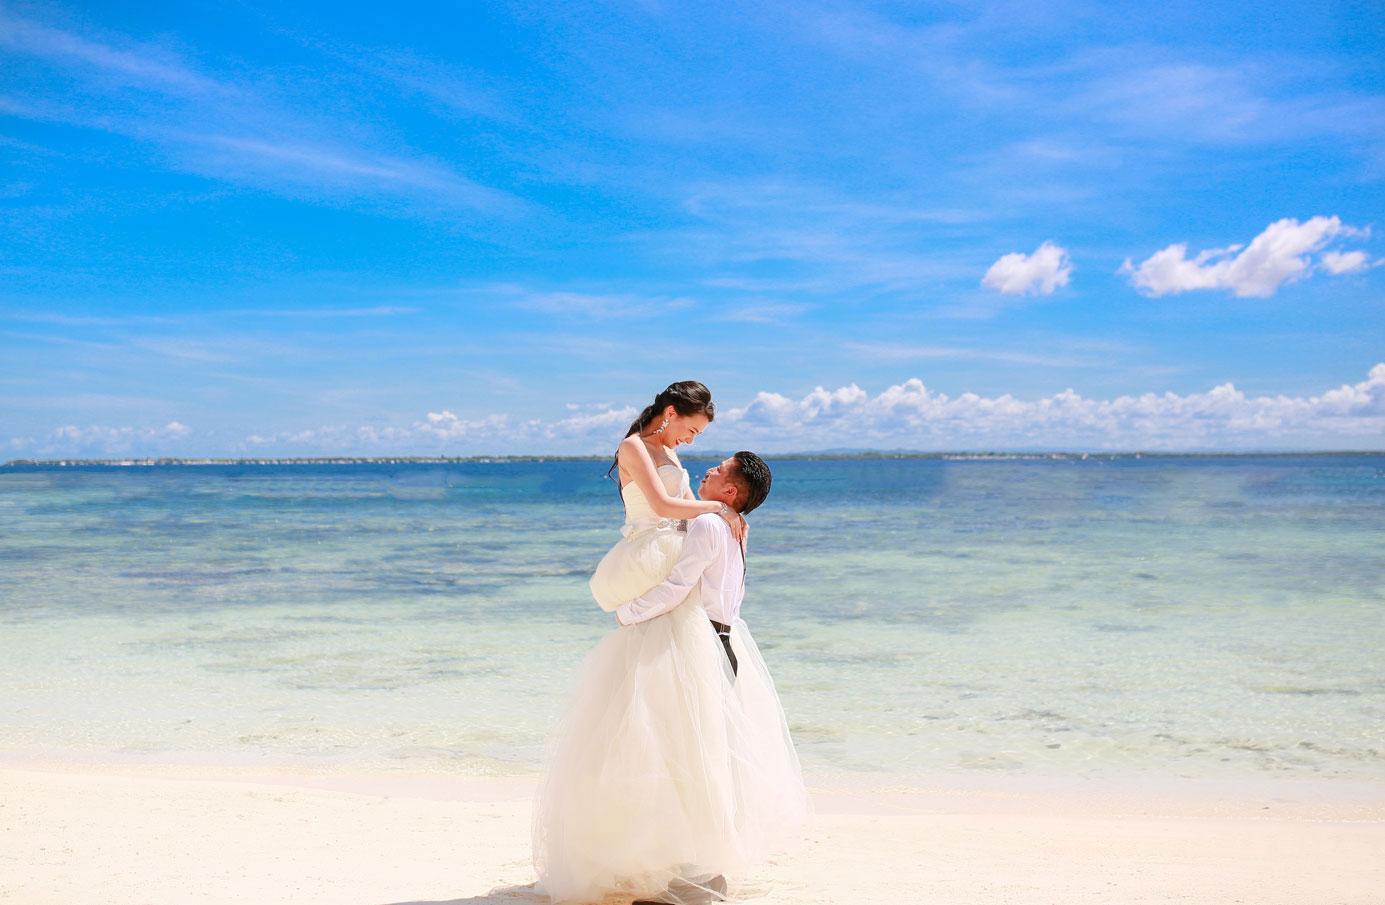 cebu-photo-wedding-shangrila-(16)